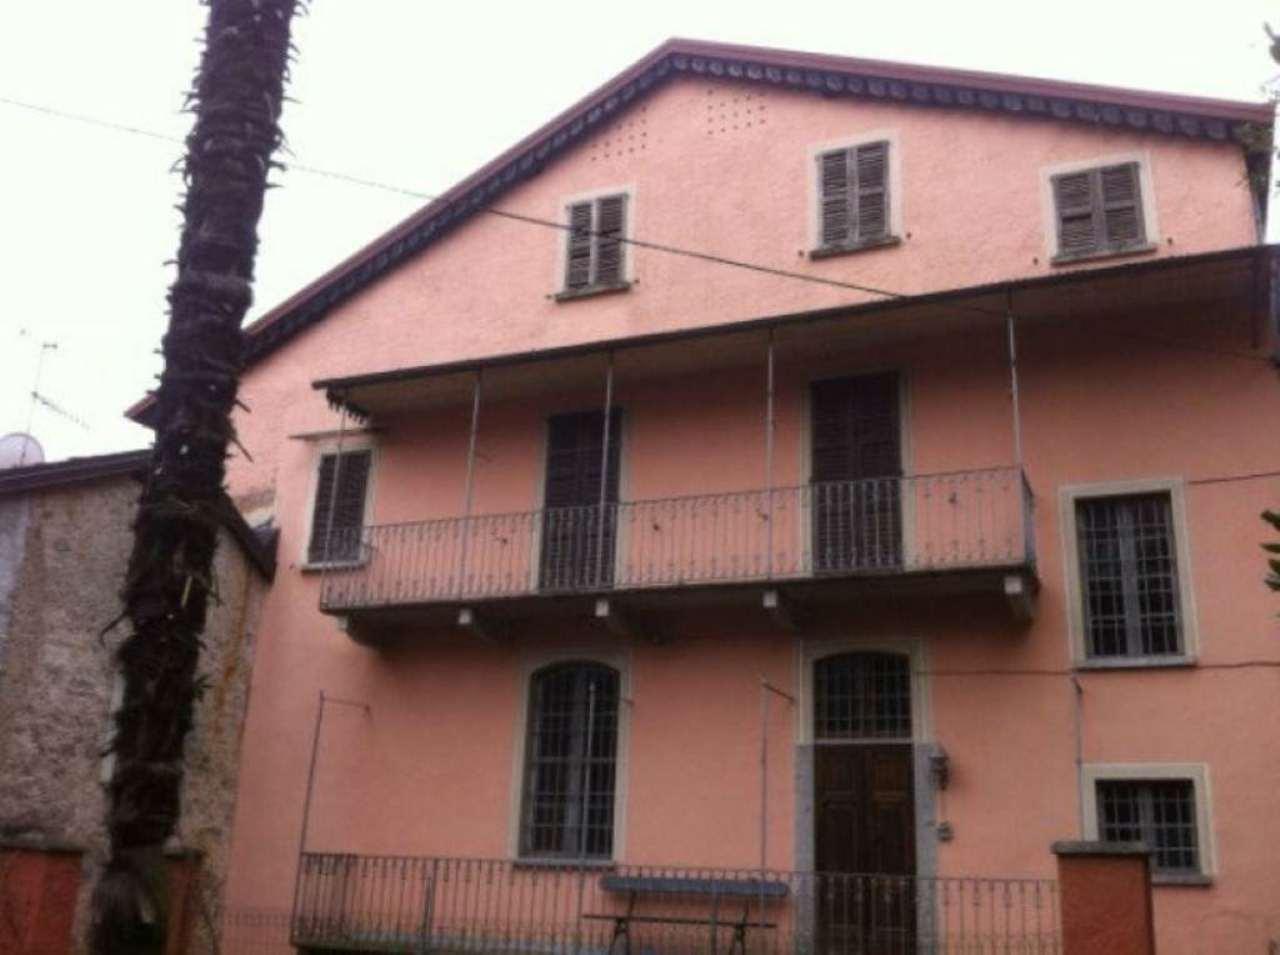 Soluzione Indipendente in vendita a Dumenza, 7 locali, prezzo € 140.000 | Cambio Casa.it